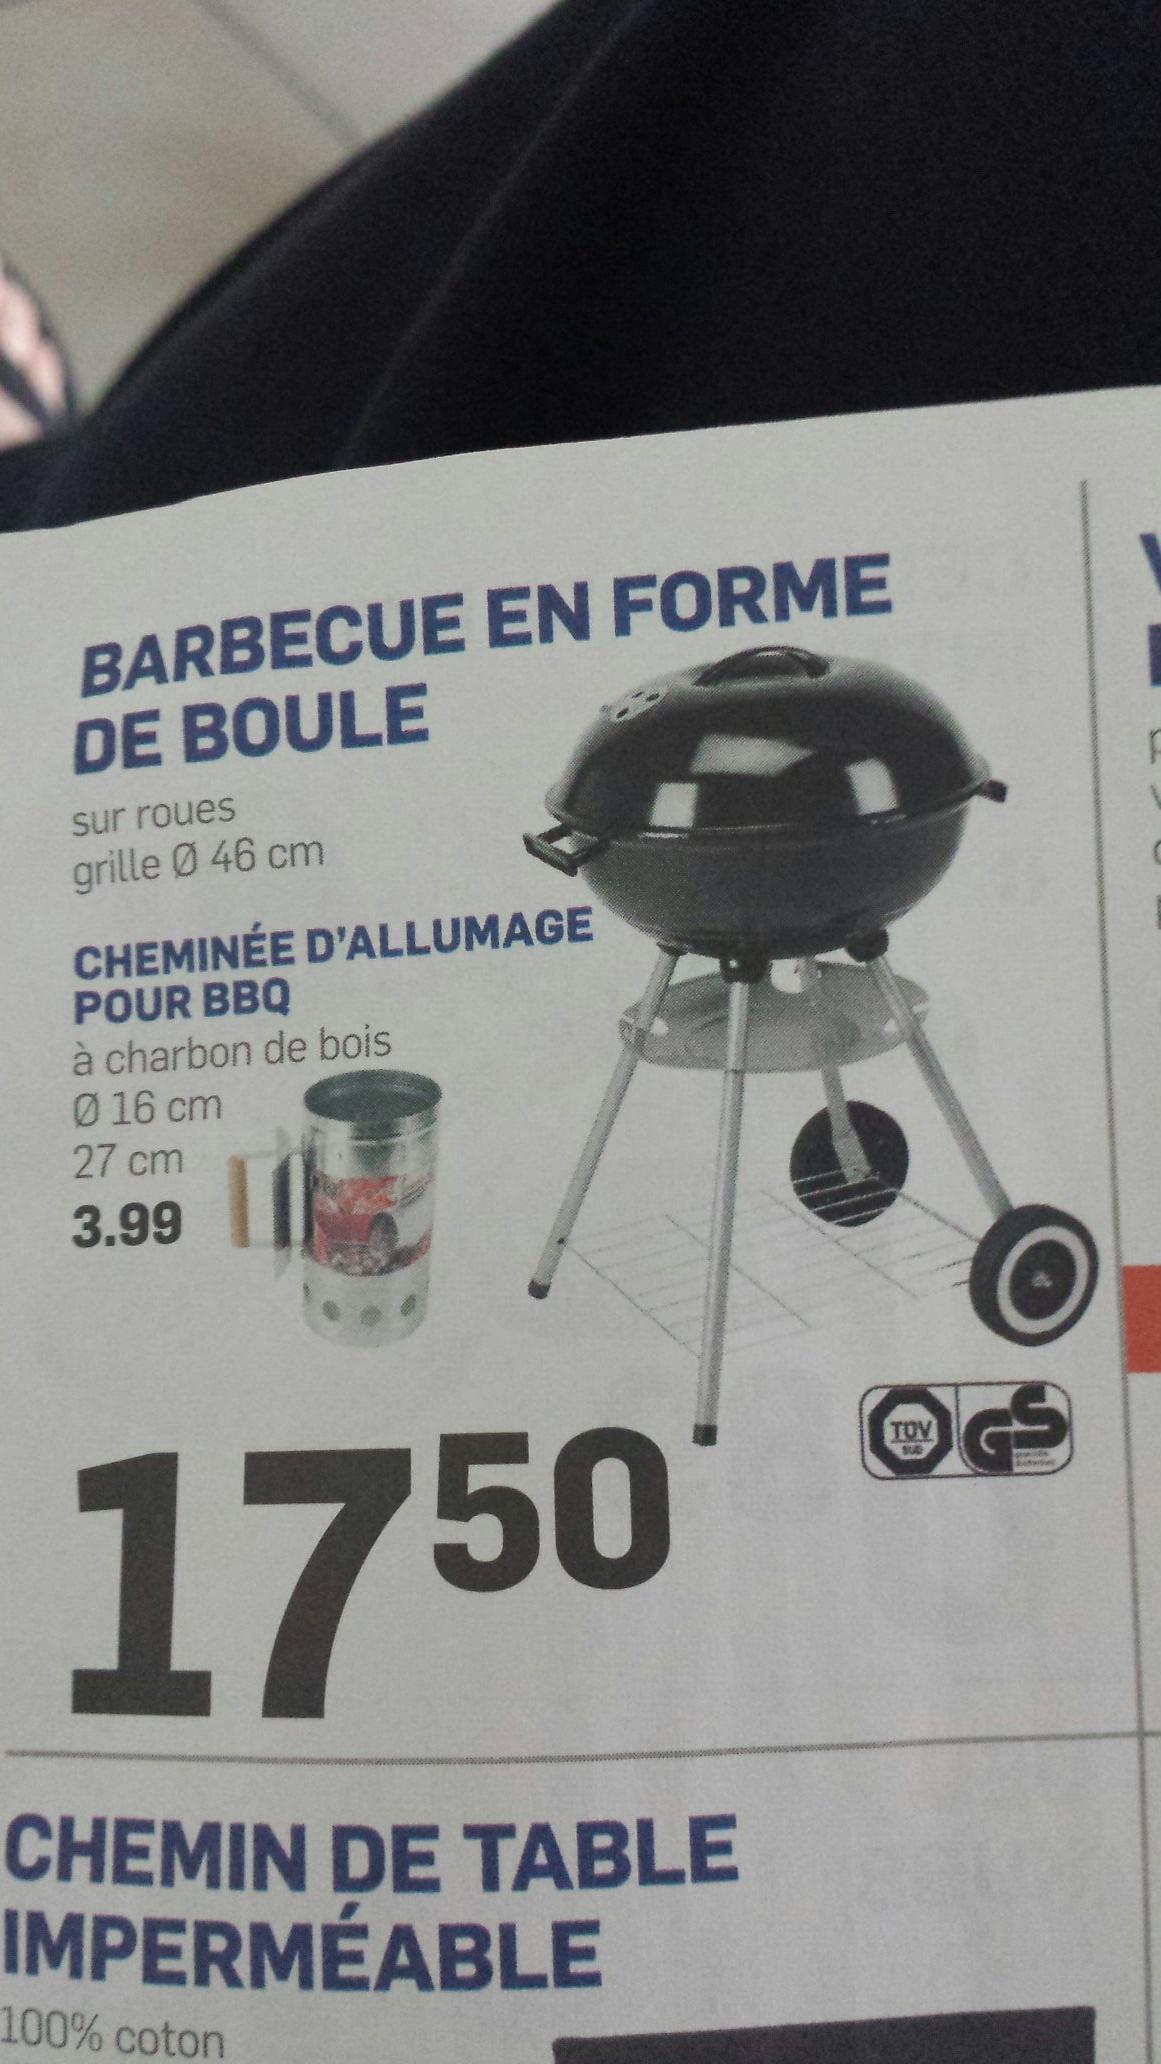 Barbecue en forme de boule - Grille de 46cm de diamètre